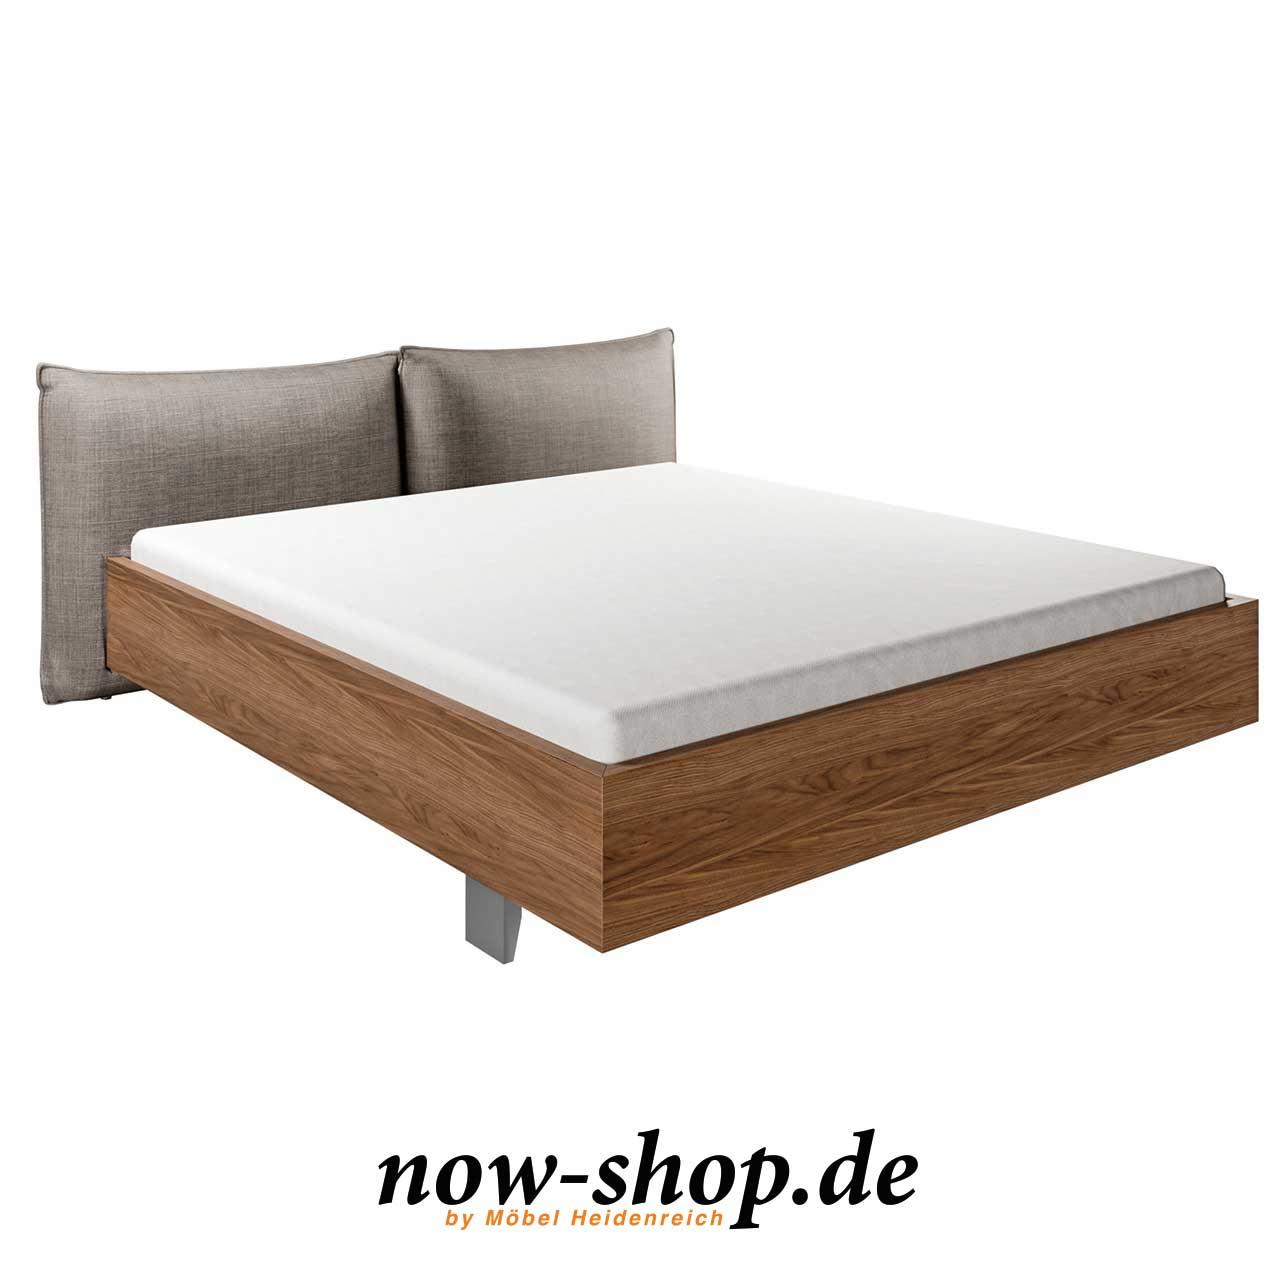 now! by hülsta - No. 14 Bett mit Polsterkopfteil